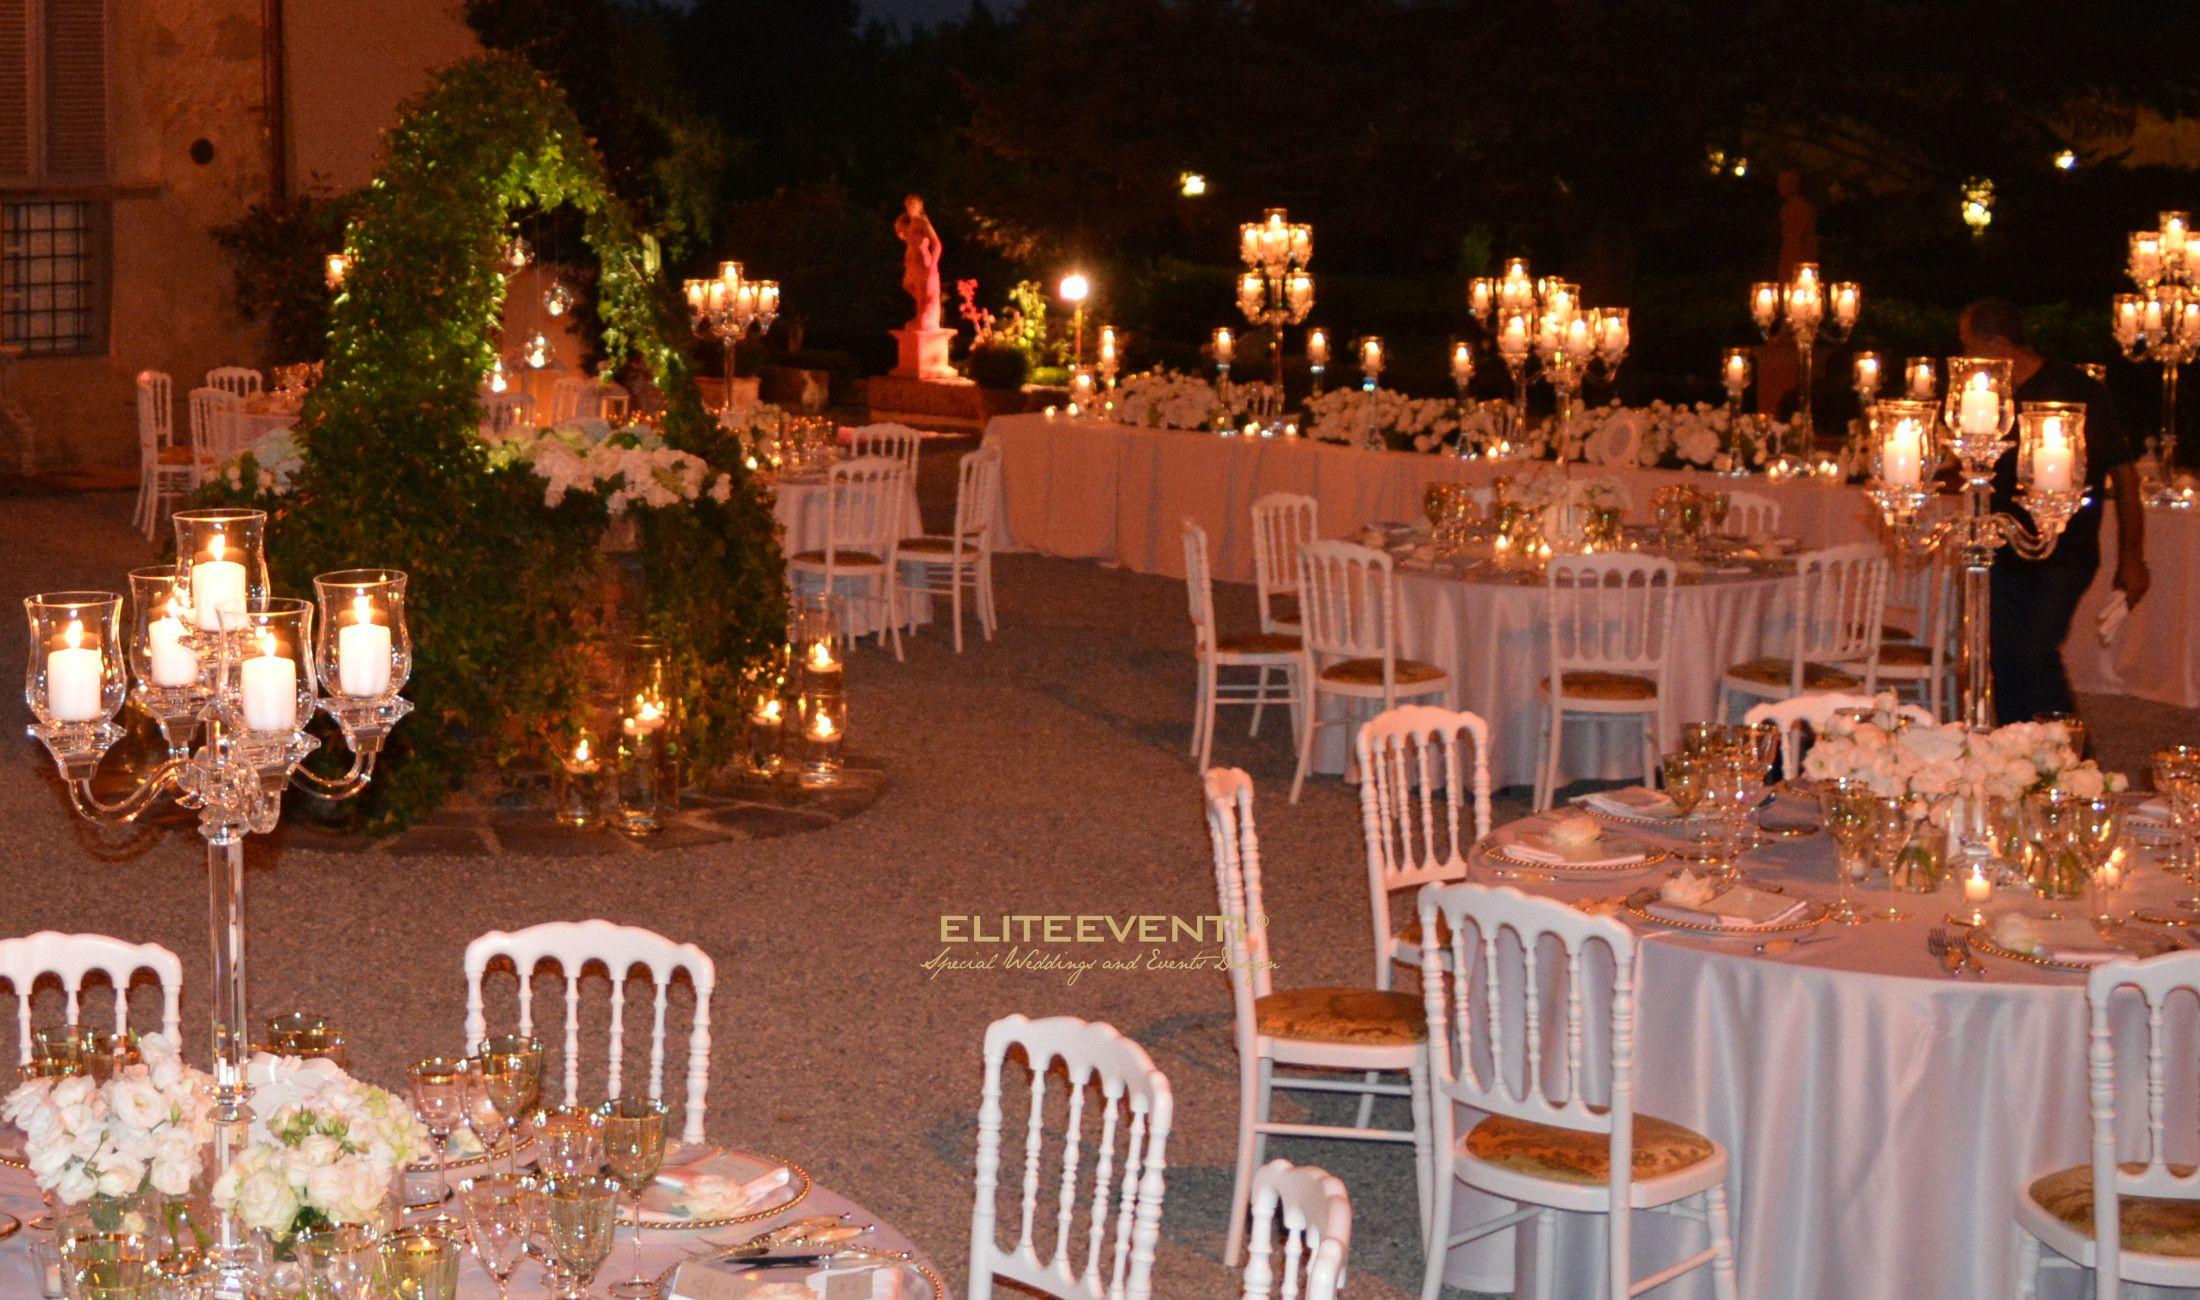 Tavolo_Imperiale_e_tavolo_ospiti_charming_wedding_by_eliteeventi